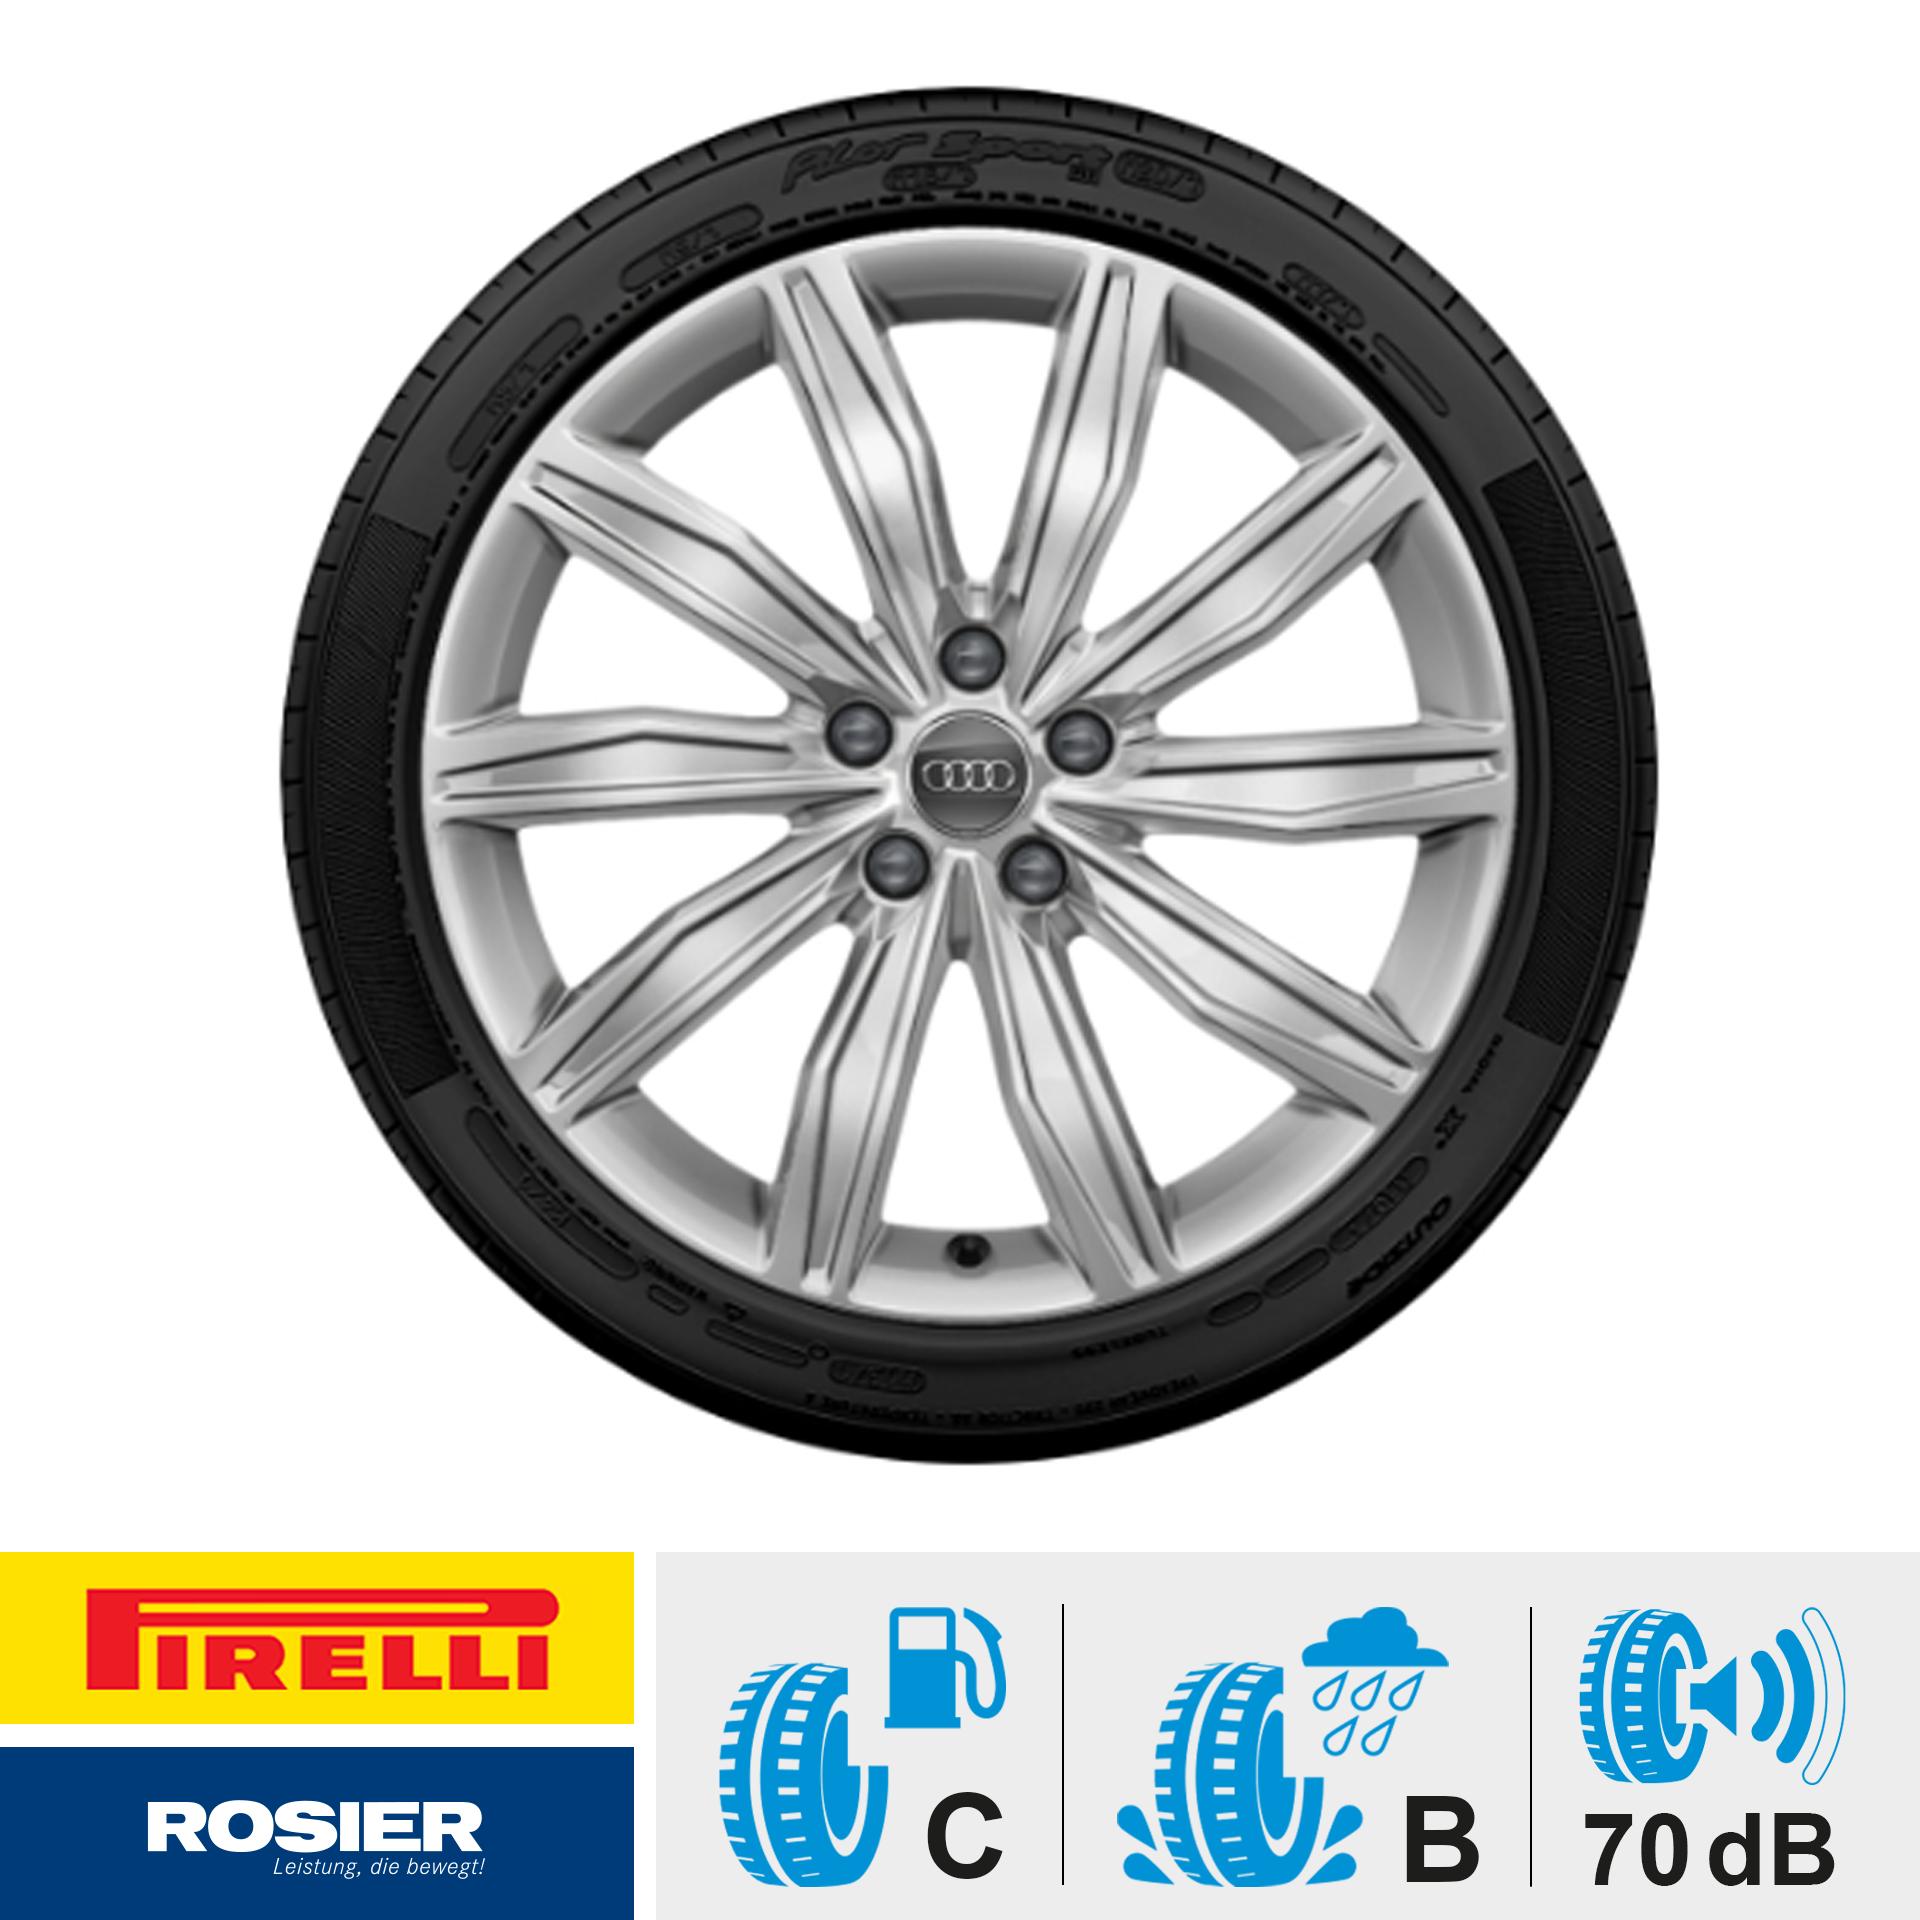 Winterkomplettrad - 10-Speichen-Design silber 245/45 R19 102V Pirelli Sottozero 3 AO für Audi A6